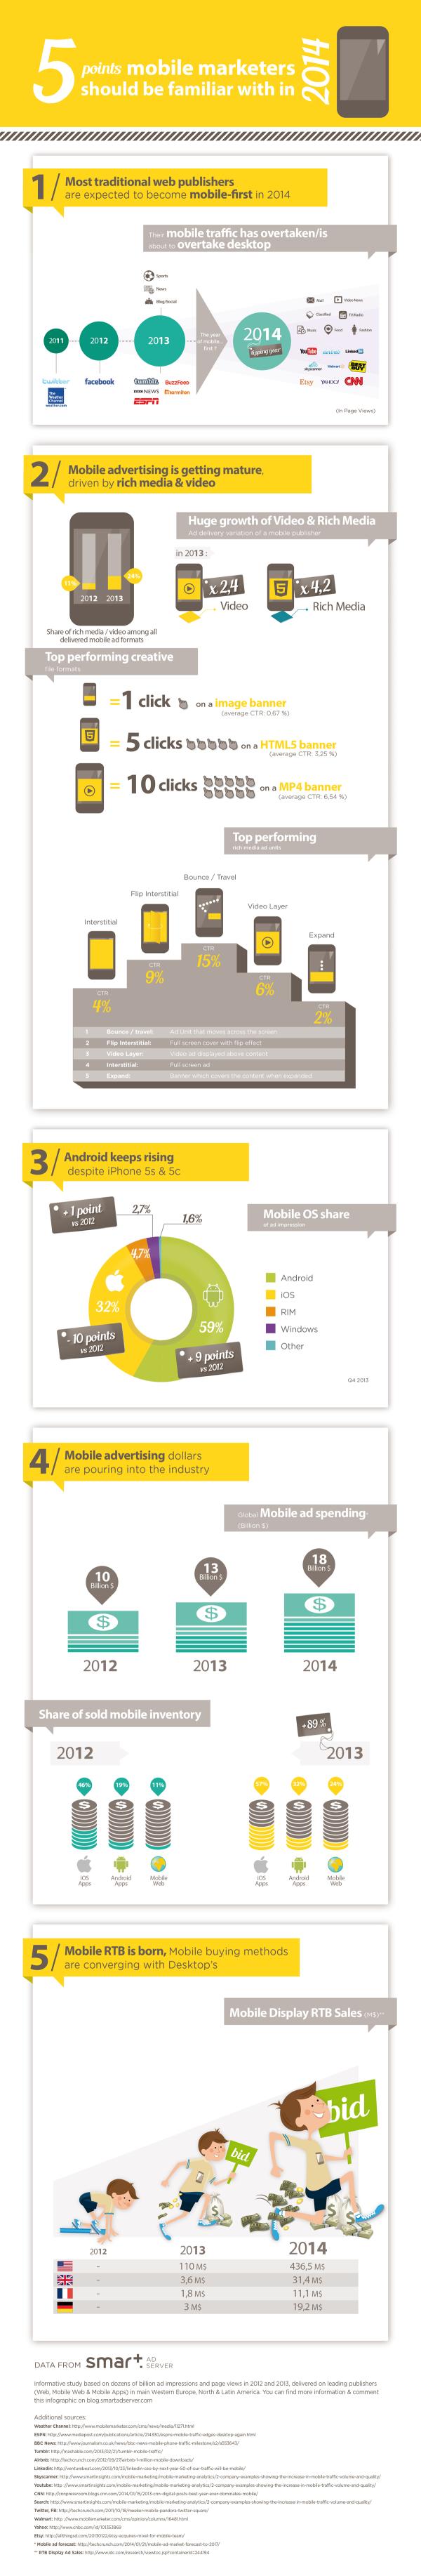 infographic_2014-600x3669